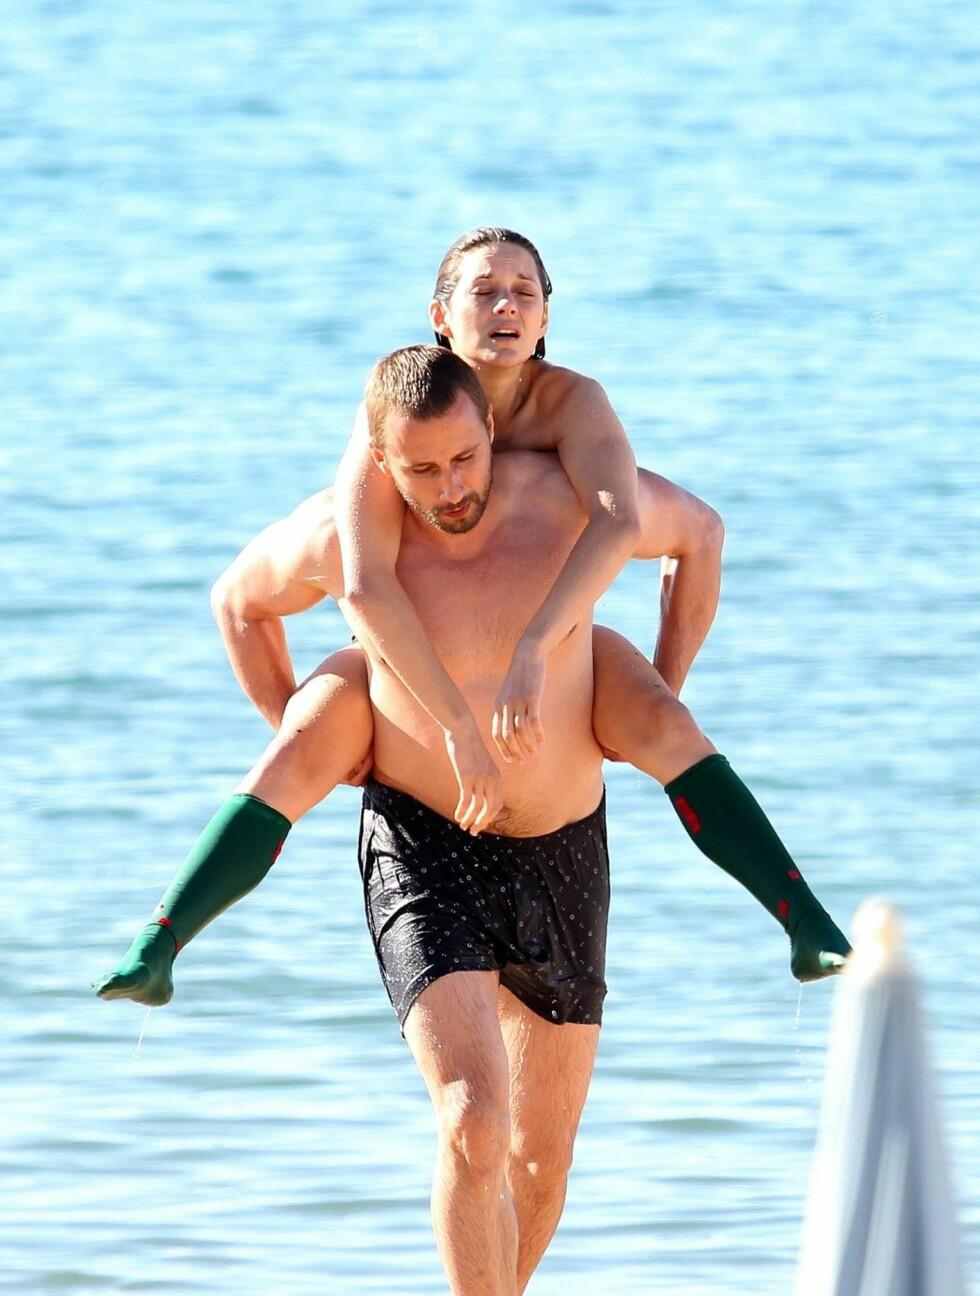 BÅRET I LAND: En mannlig skuespillerkollega bærer Marion i land etter at scenene i det kalde vannet er over. Foto: All Over Press